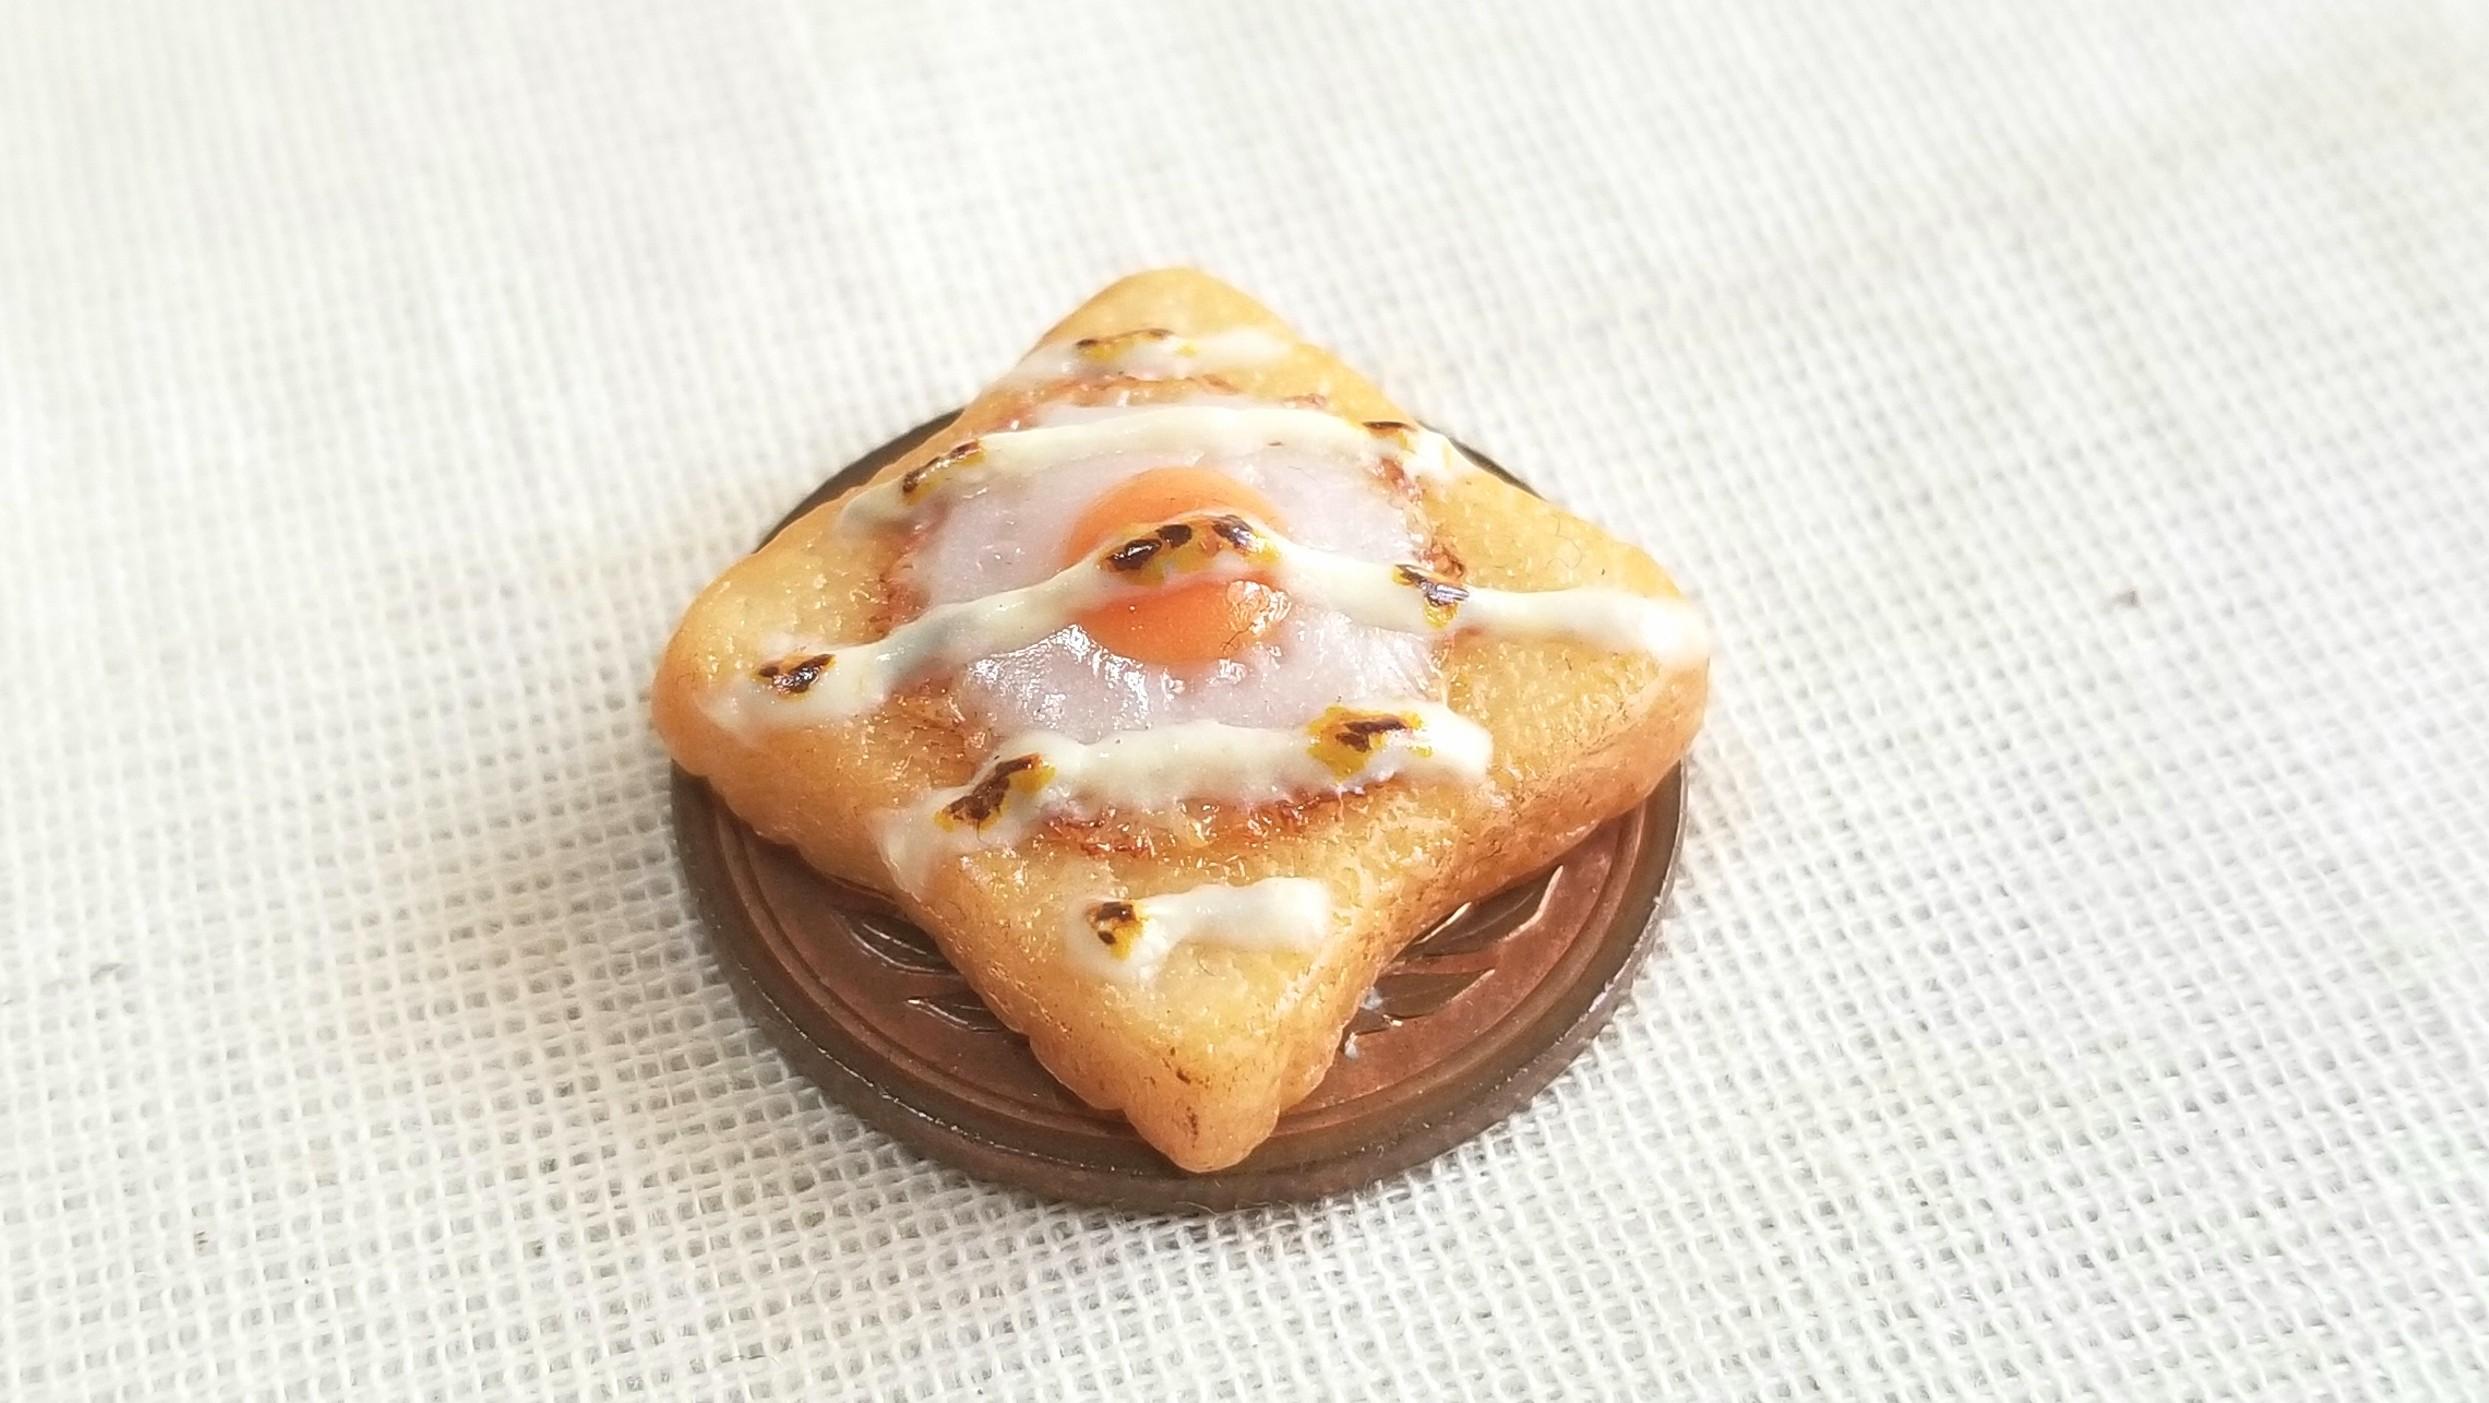 マヨネーズラピュタパン,目玉焼き乗せトースト,こんがり,サクサク